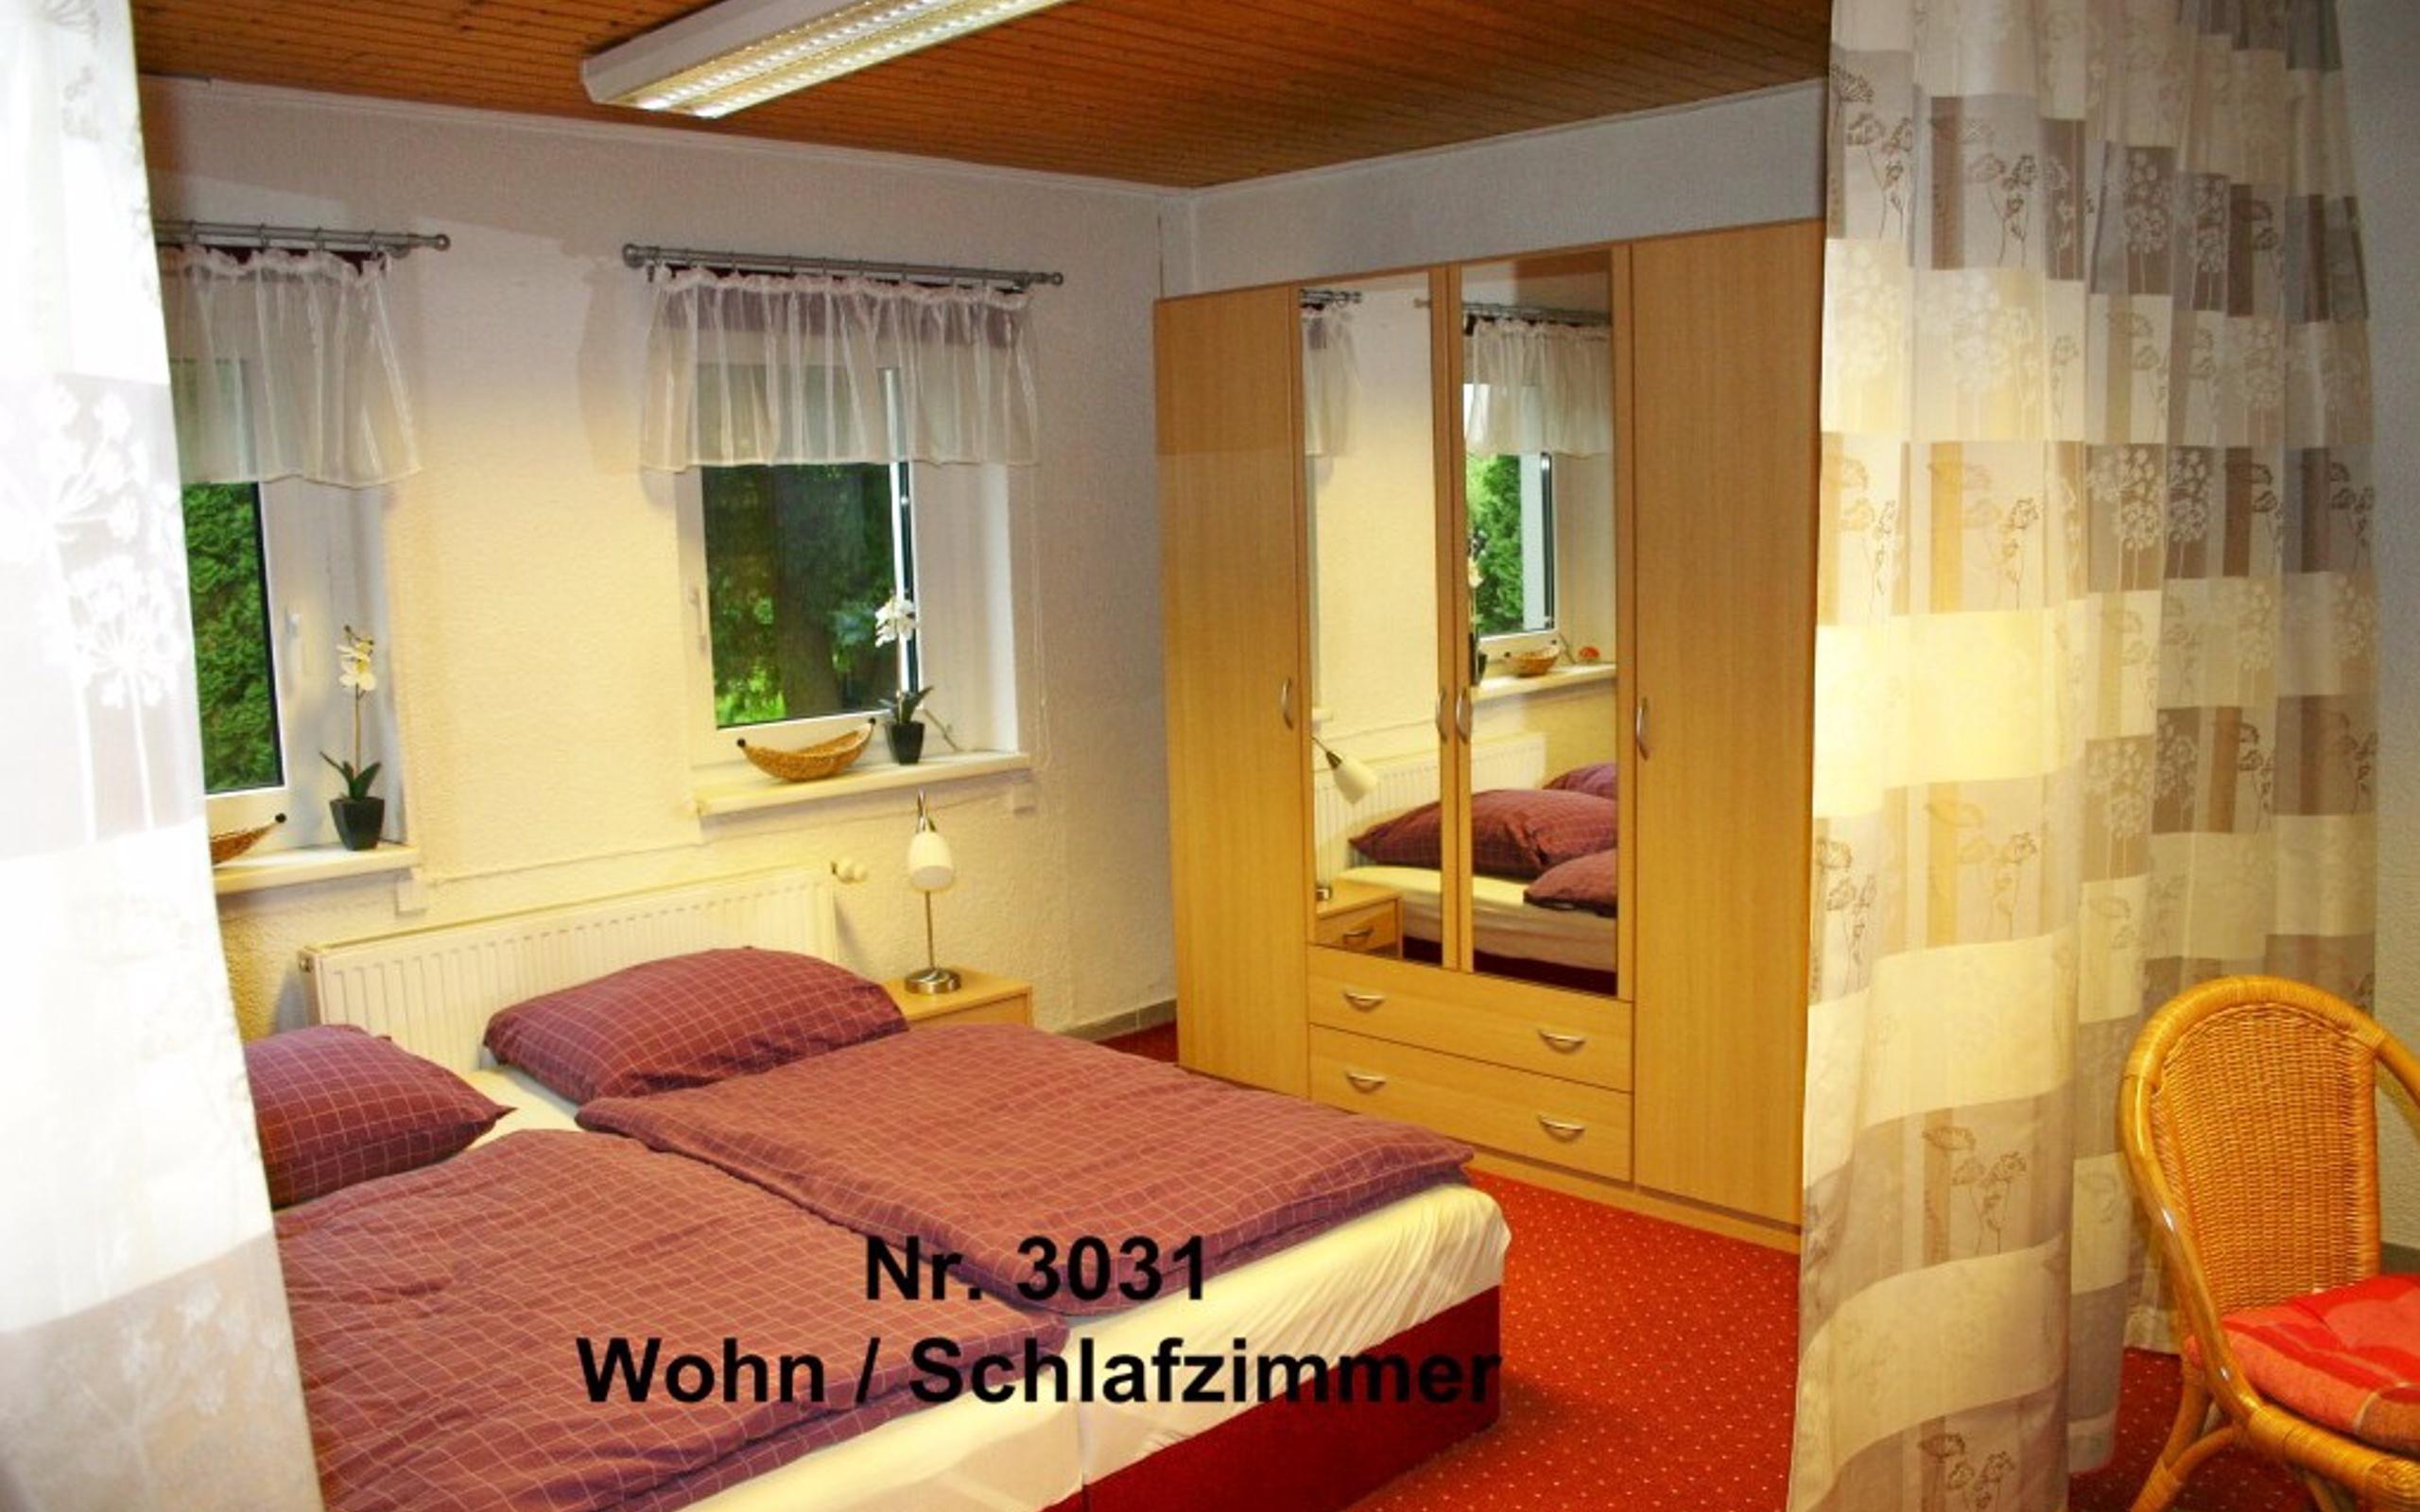 2-Zimmerwohnung als Haus für sich, TV, Schlafzimmer, Wohnzimmer, TV ...